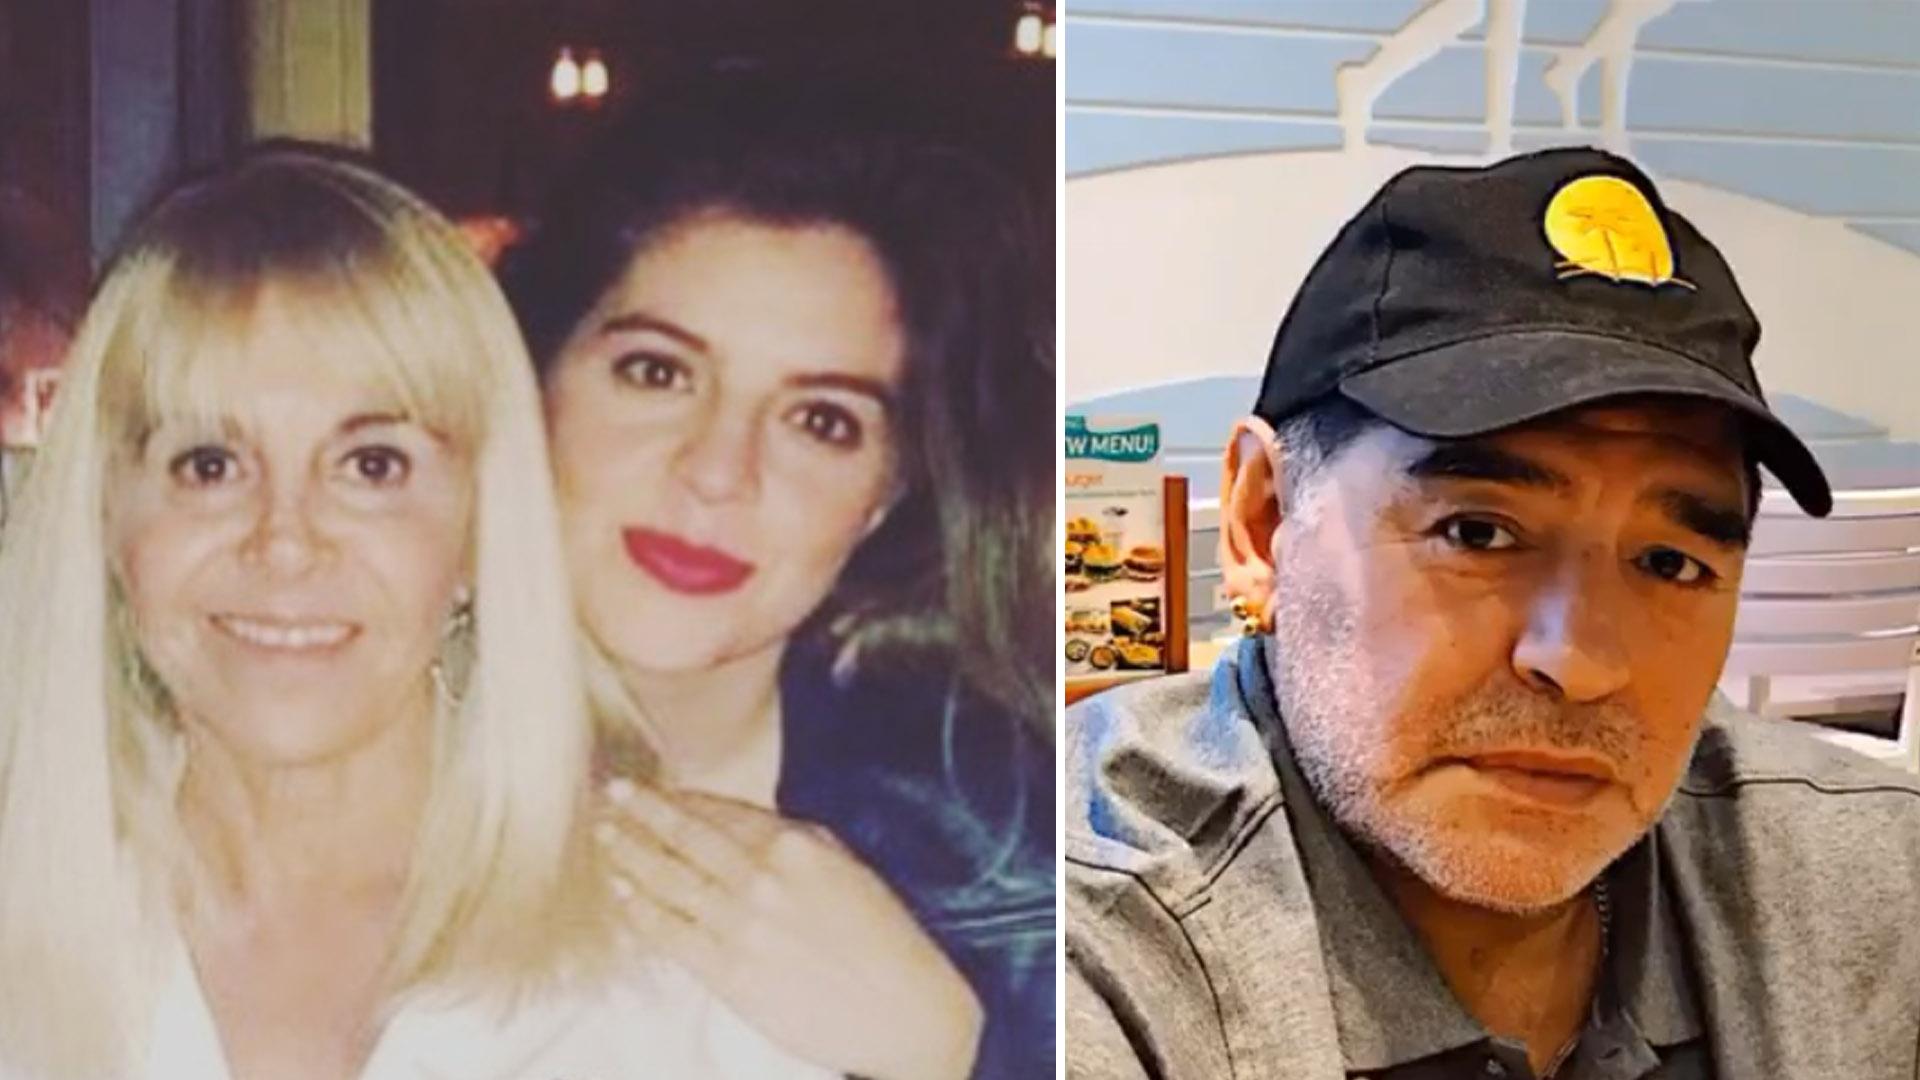 La grieta en los Maradona: Claudia y Dalma de un lado, Diego del otro